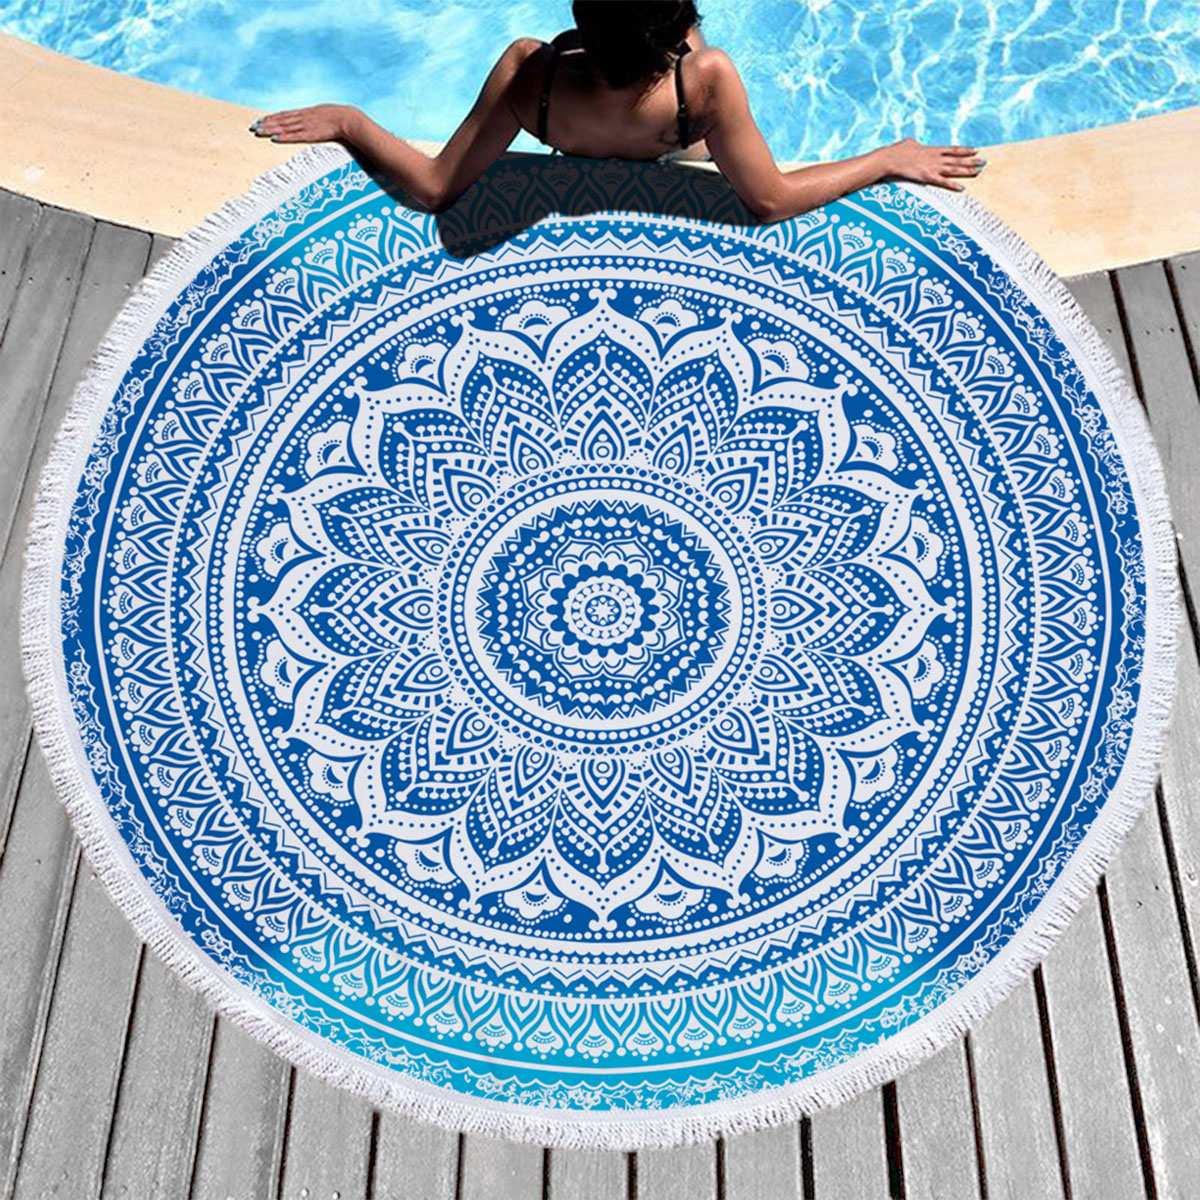 Toalla de playa redonda, tapiz de borlas estilo bohemio, colchoneta de Yoga con diseño de Mandala, mantel de viaje, Toalla de baño para natación 100/150cm